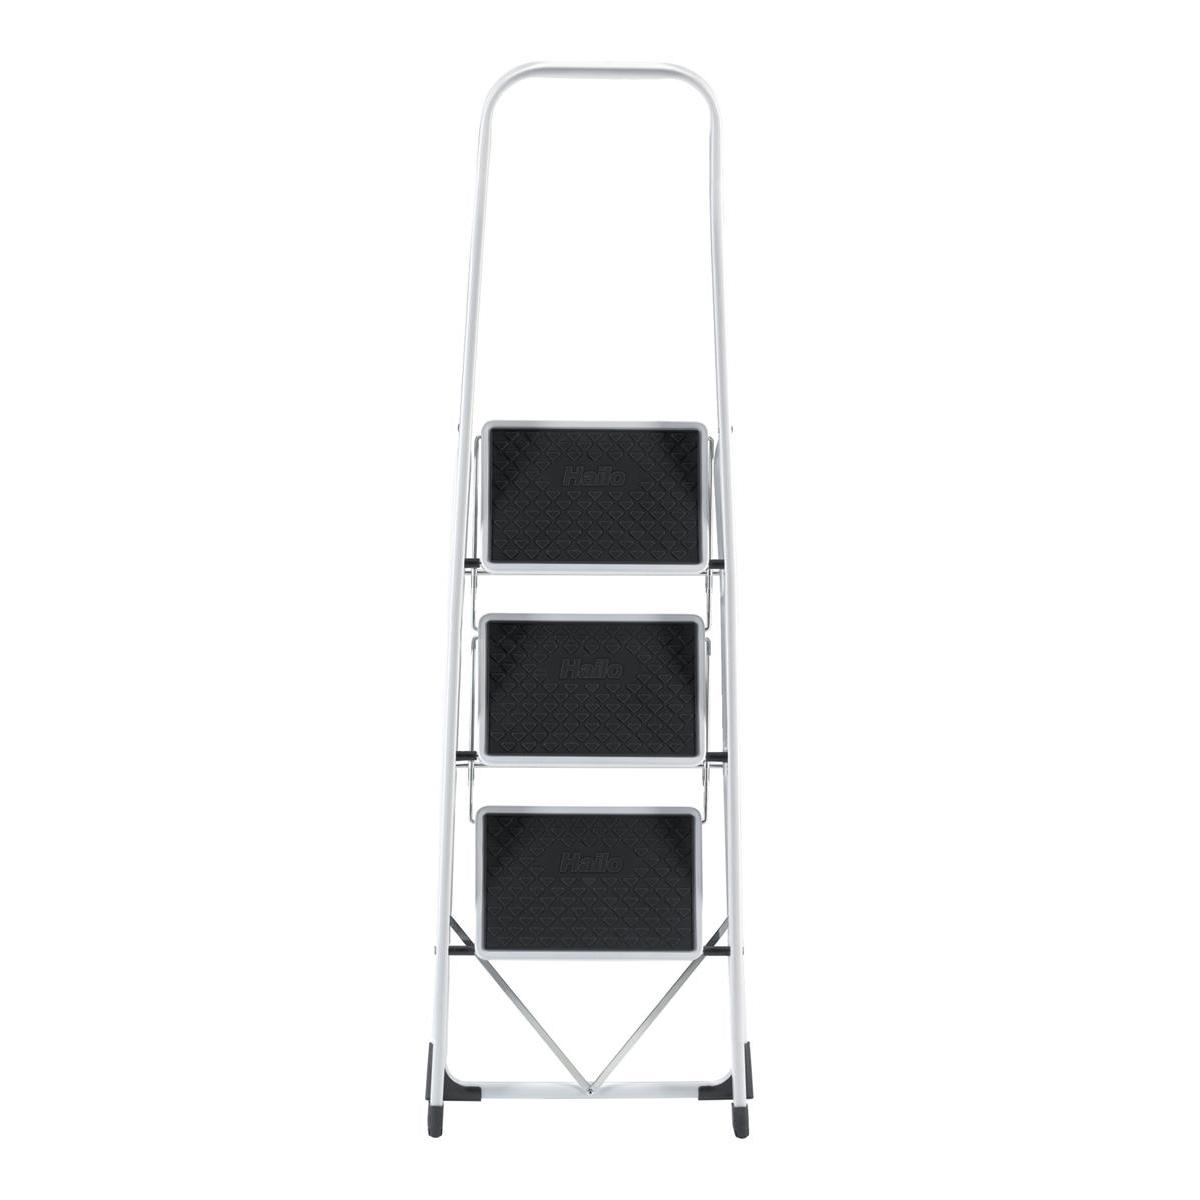 5 Star Step Stool Mobile Spring-loaded Castors up to 150kg Top D290xH430xBase D435mm 5kg Black